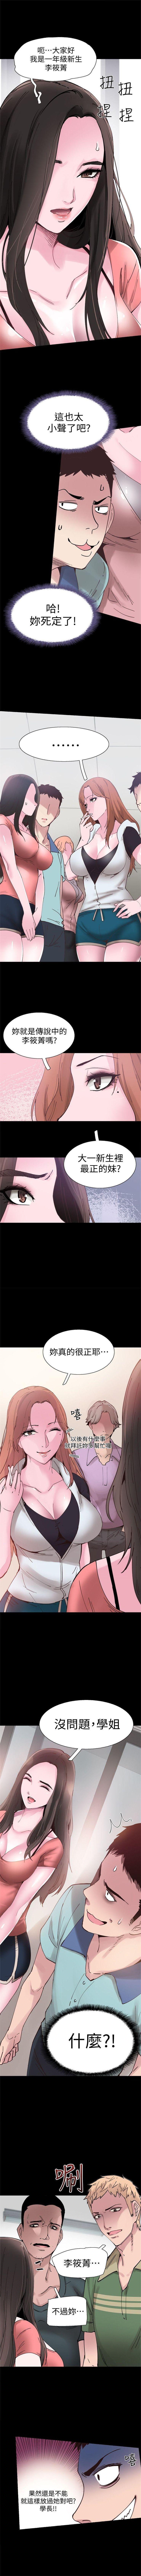 (週7)校園live秀 1-50 中文翻譯(更新中) 16